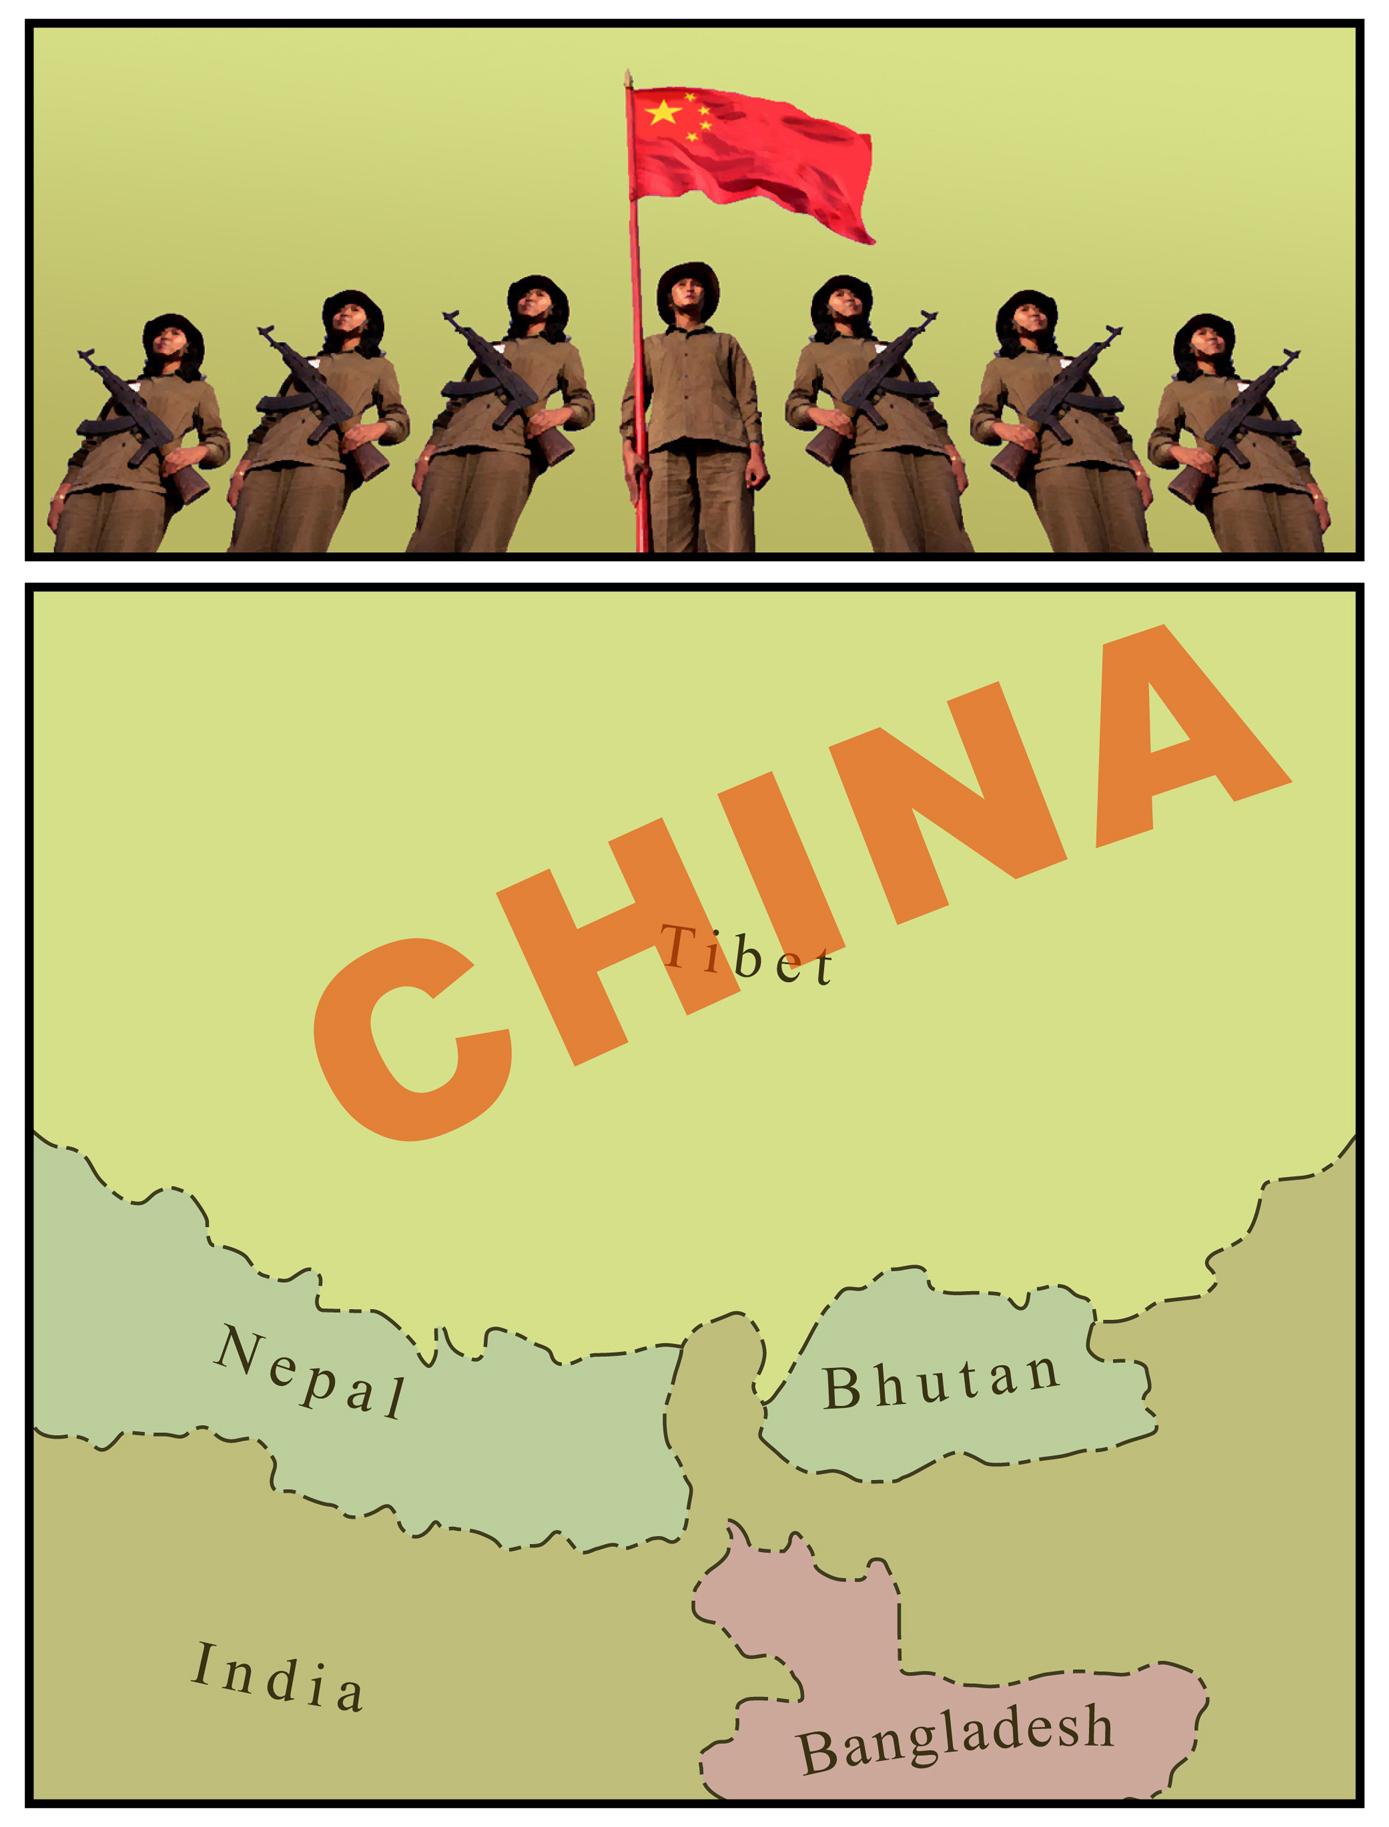 Tibet TypeMap.png